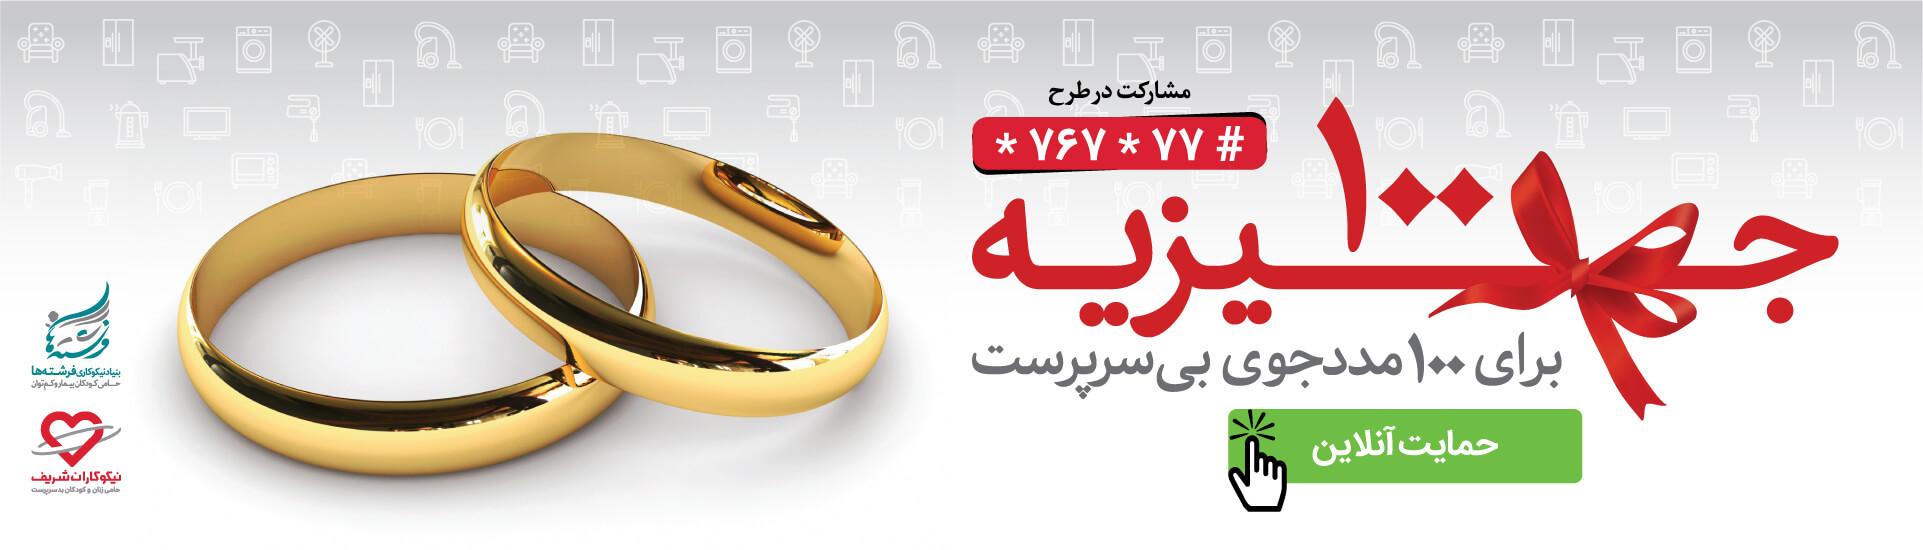 کمک به تامین جهیزیه برای 100 نوعروس نیازمند موسسه خیریه نیکوکاران شریف